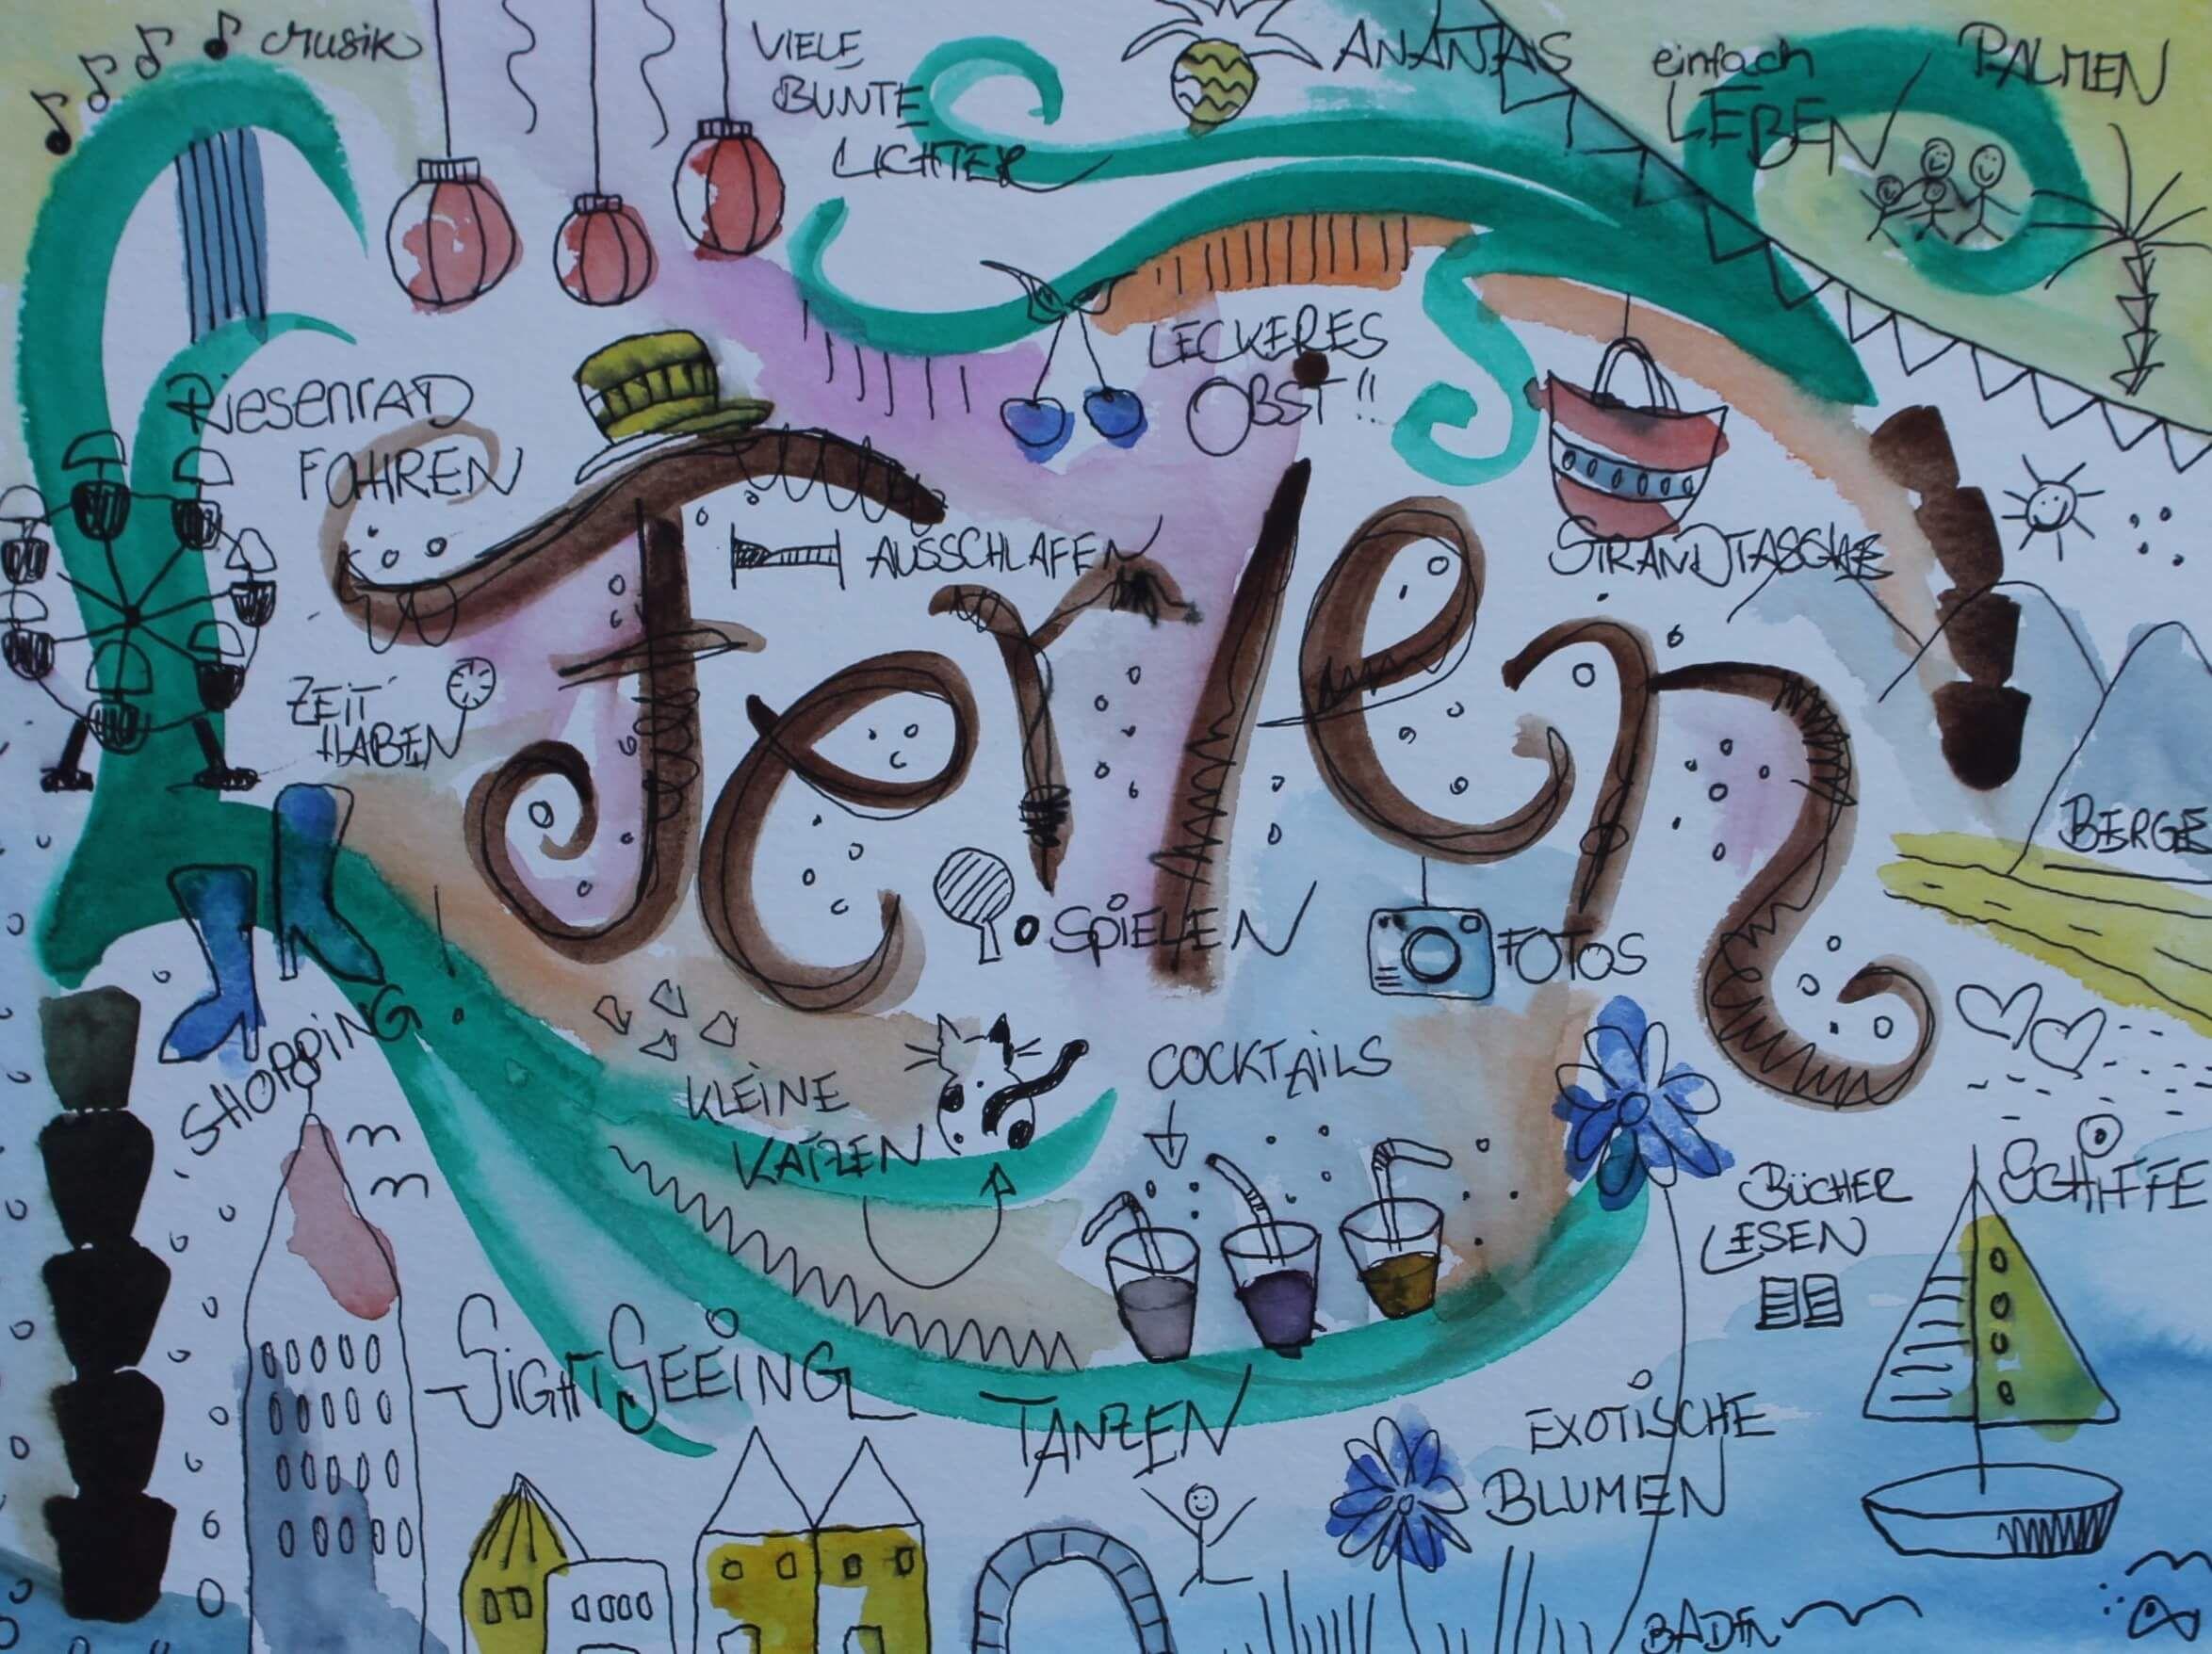 Ideen zum Malen finden Teil 2: Kreative Übung von